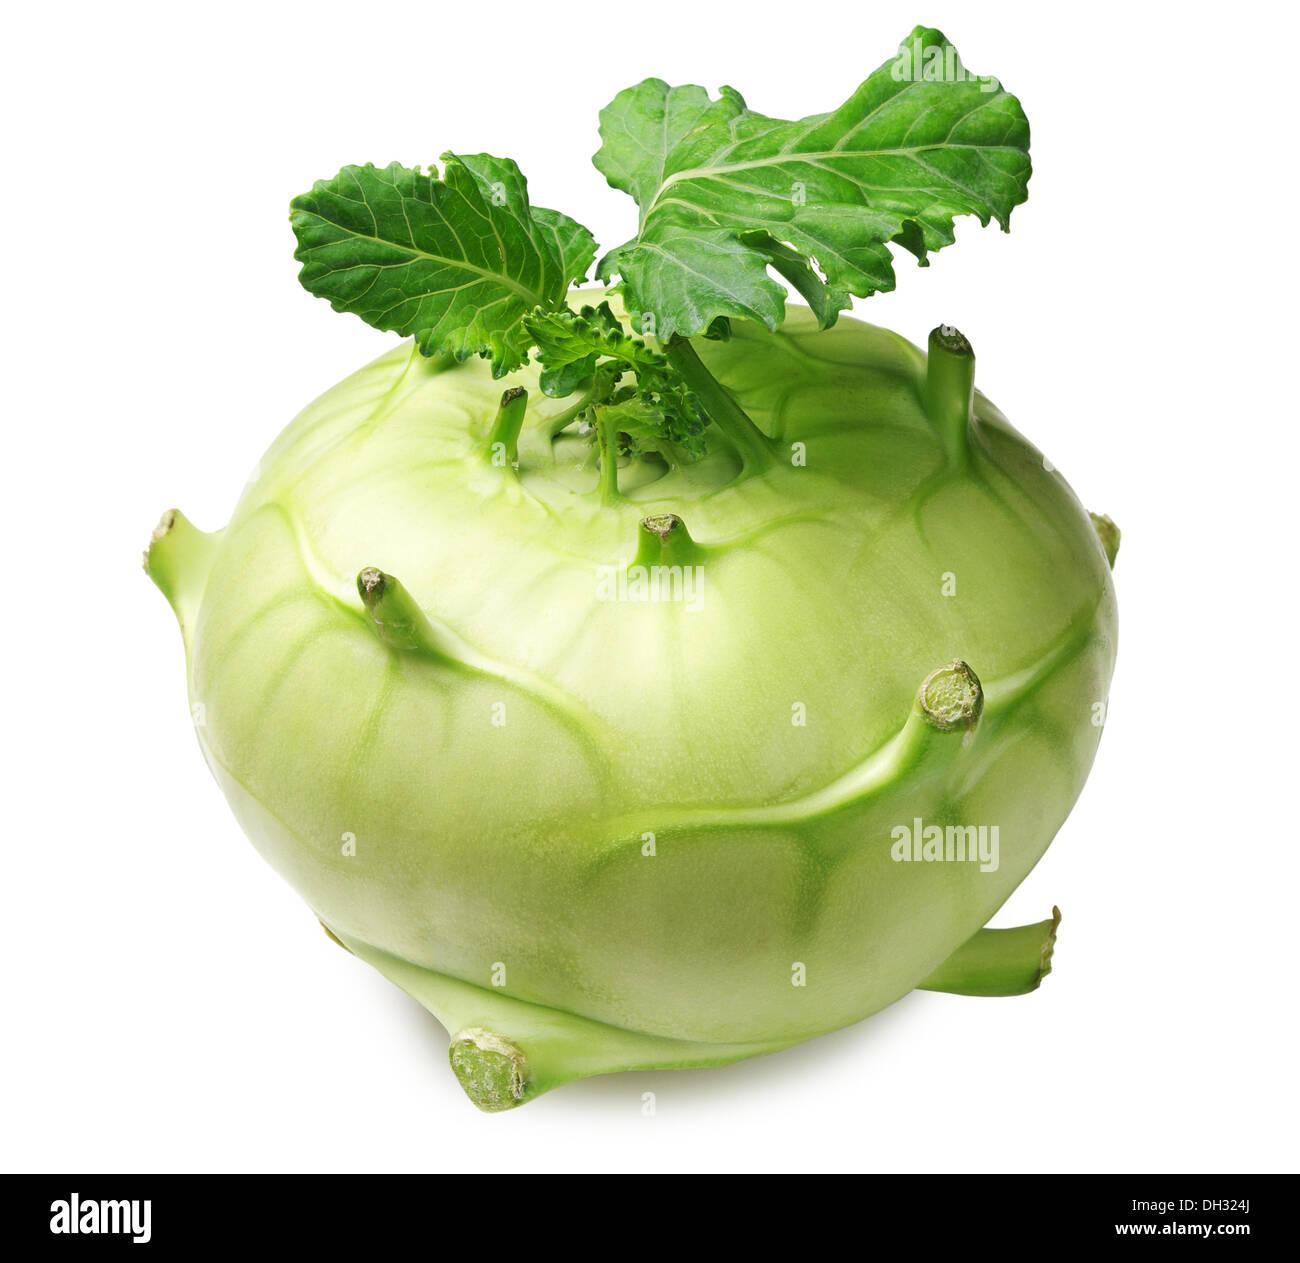 Cabbage kohlrabi on white background - Stock Image